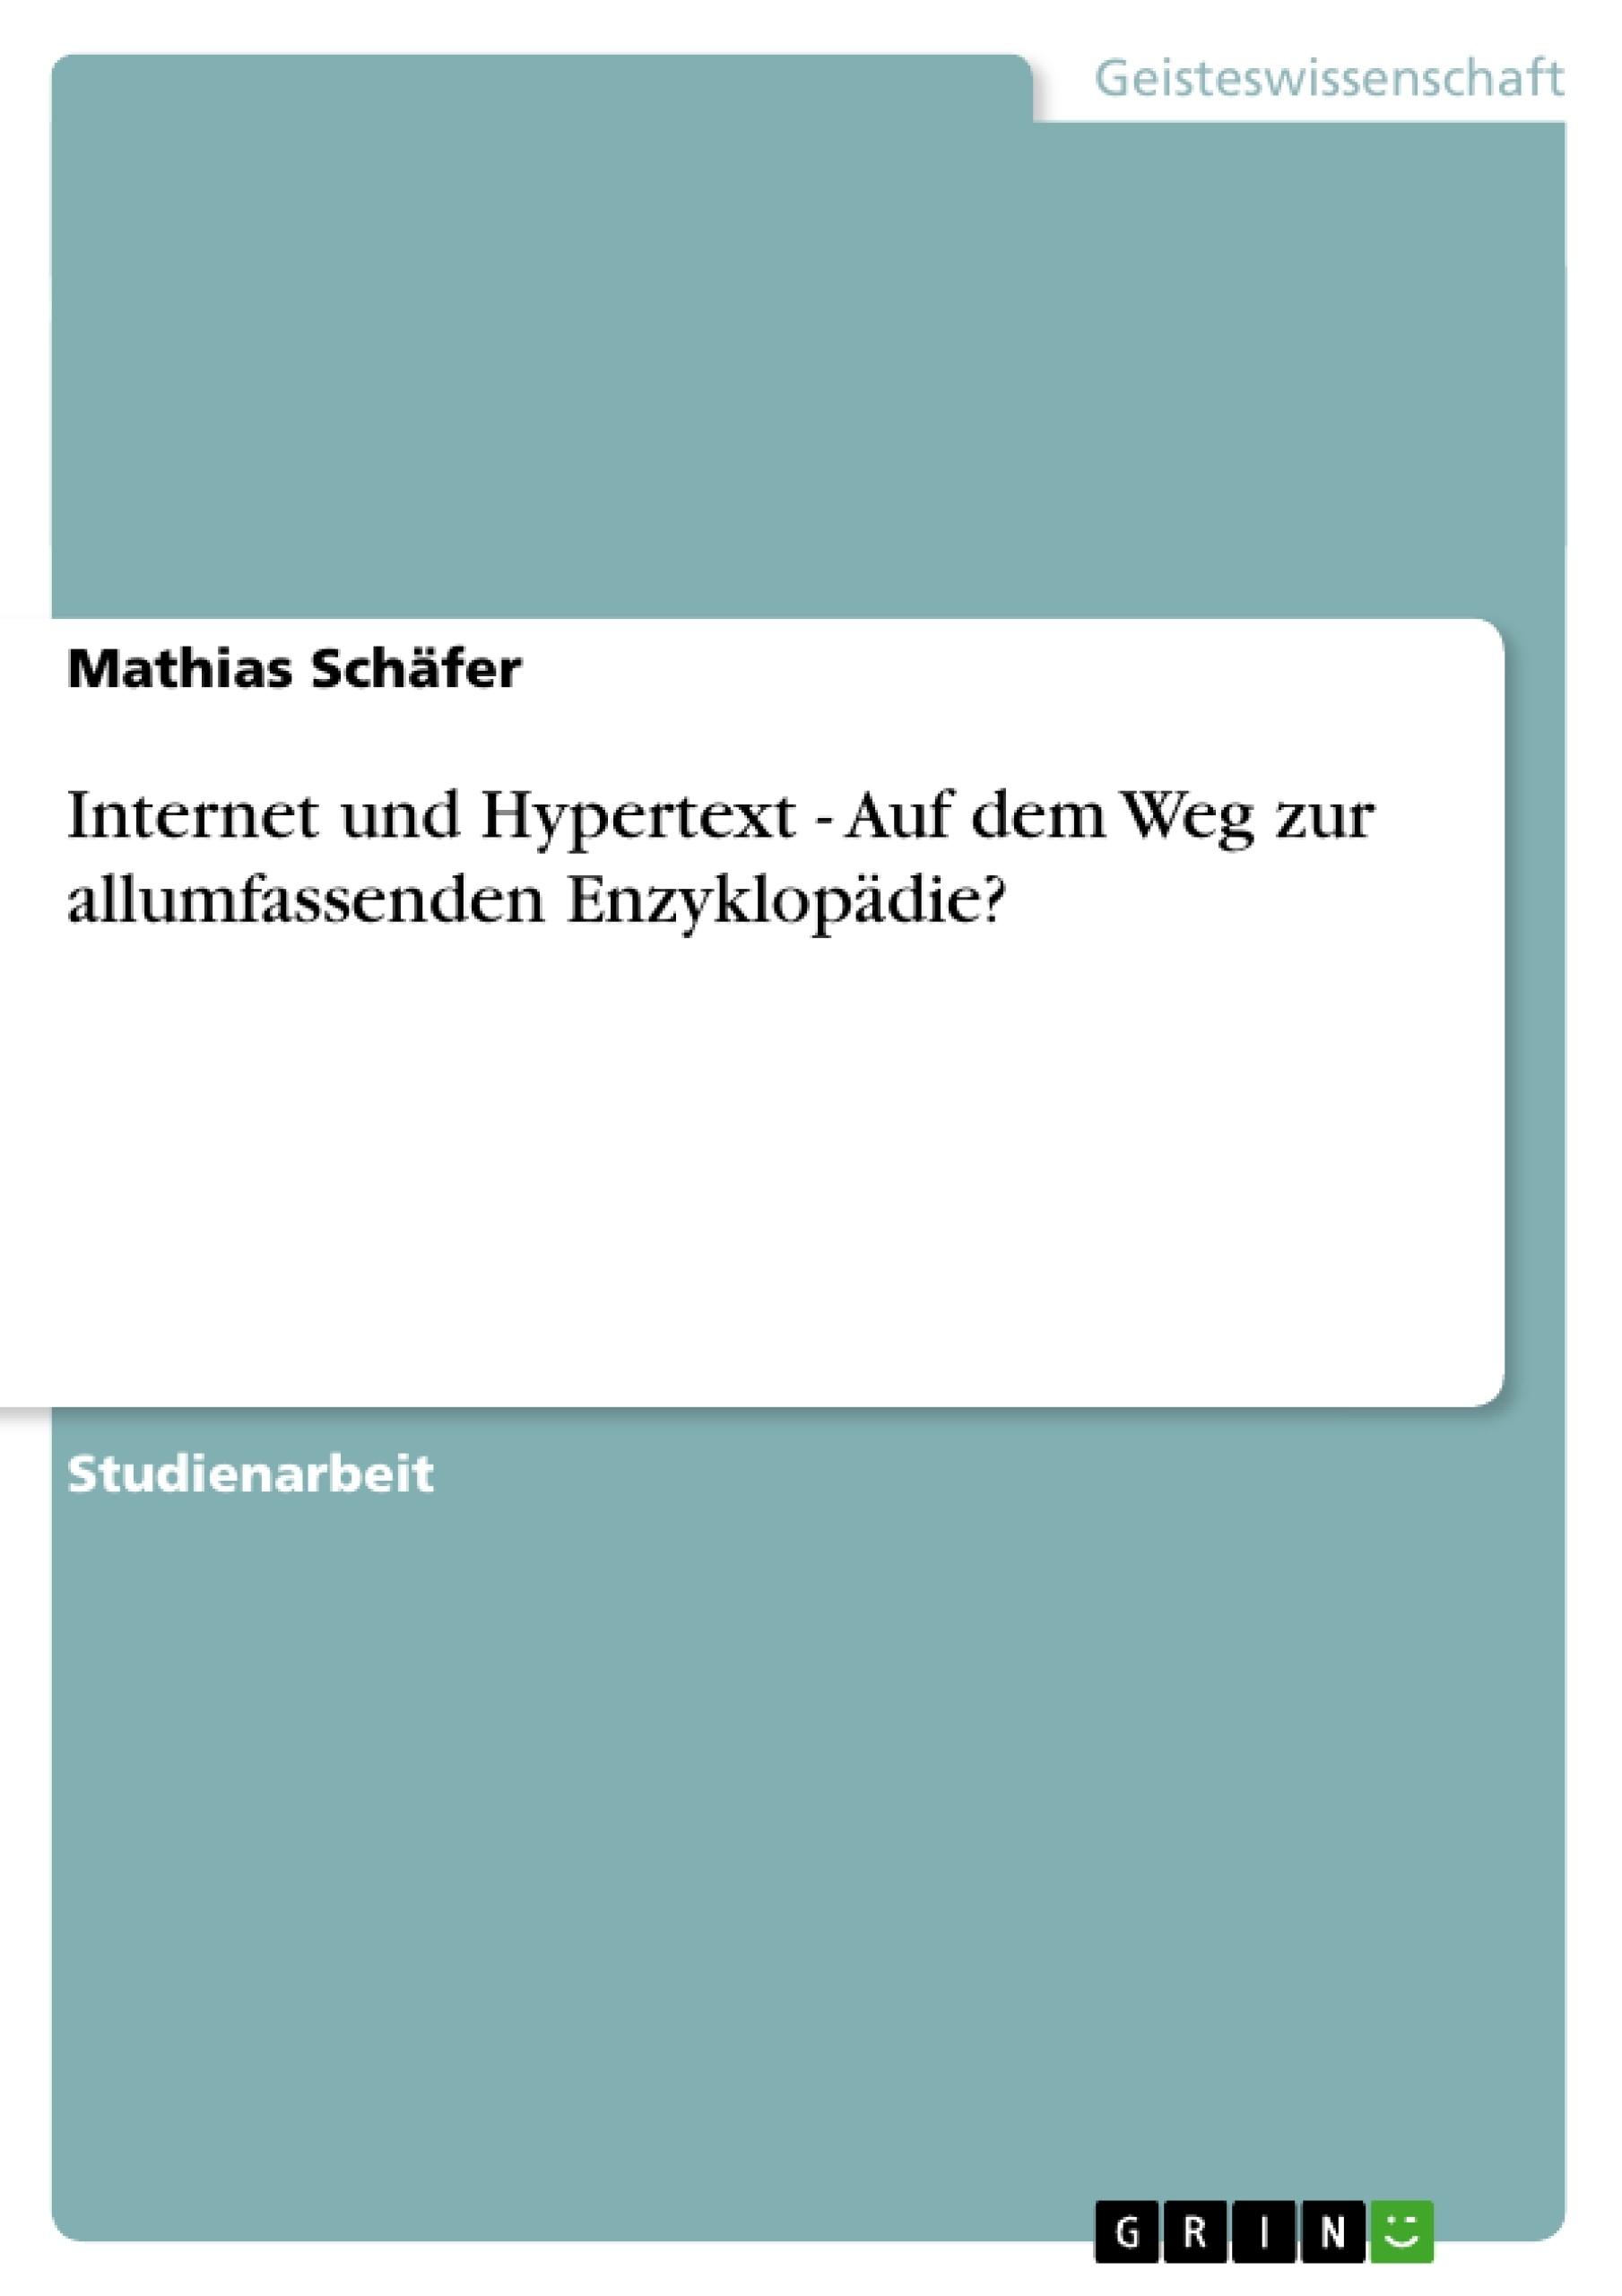 Titel: Internet und Hypertext - Auf dem Weg zur allumfassenden Enzyklopädie?